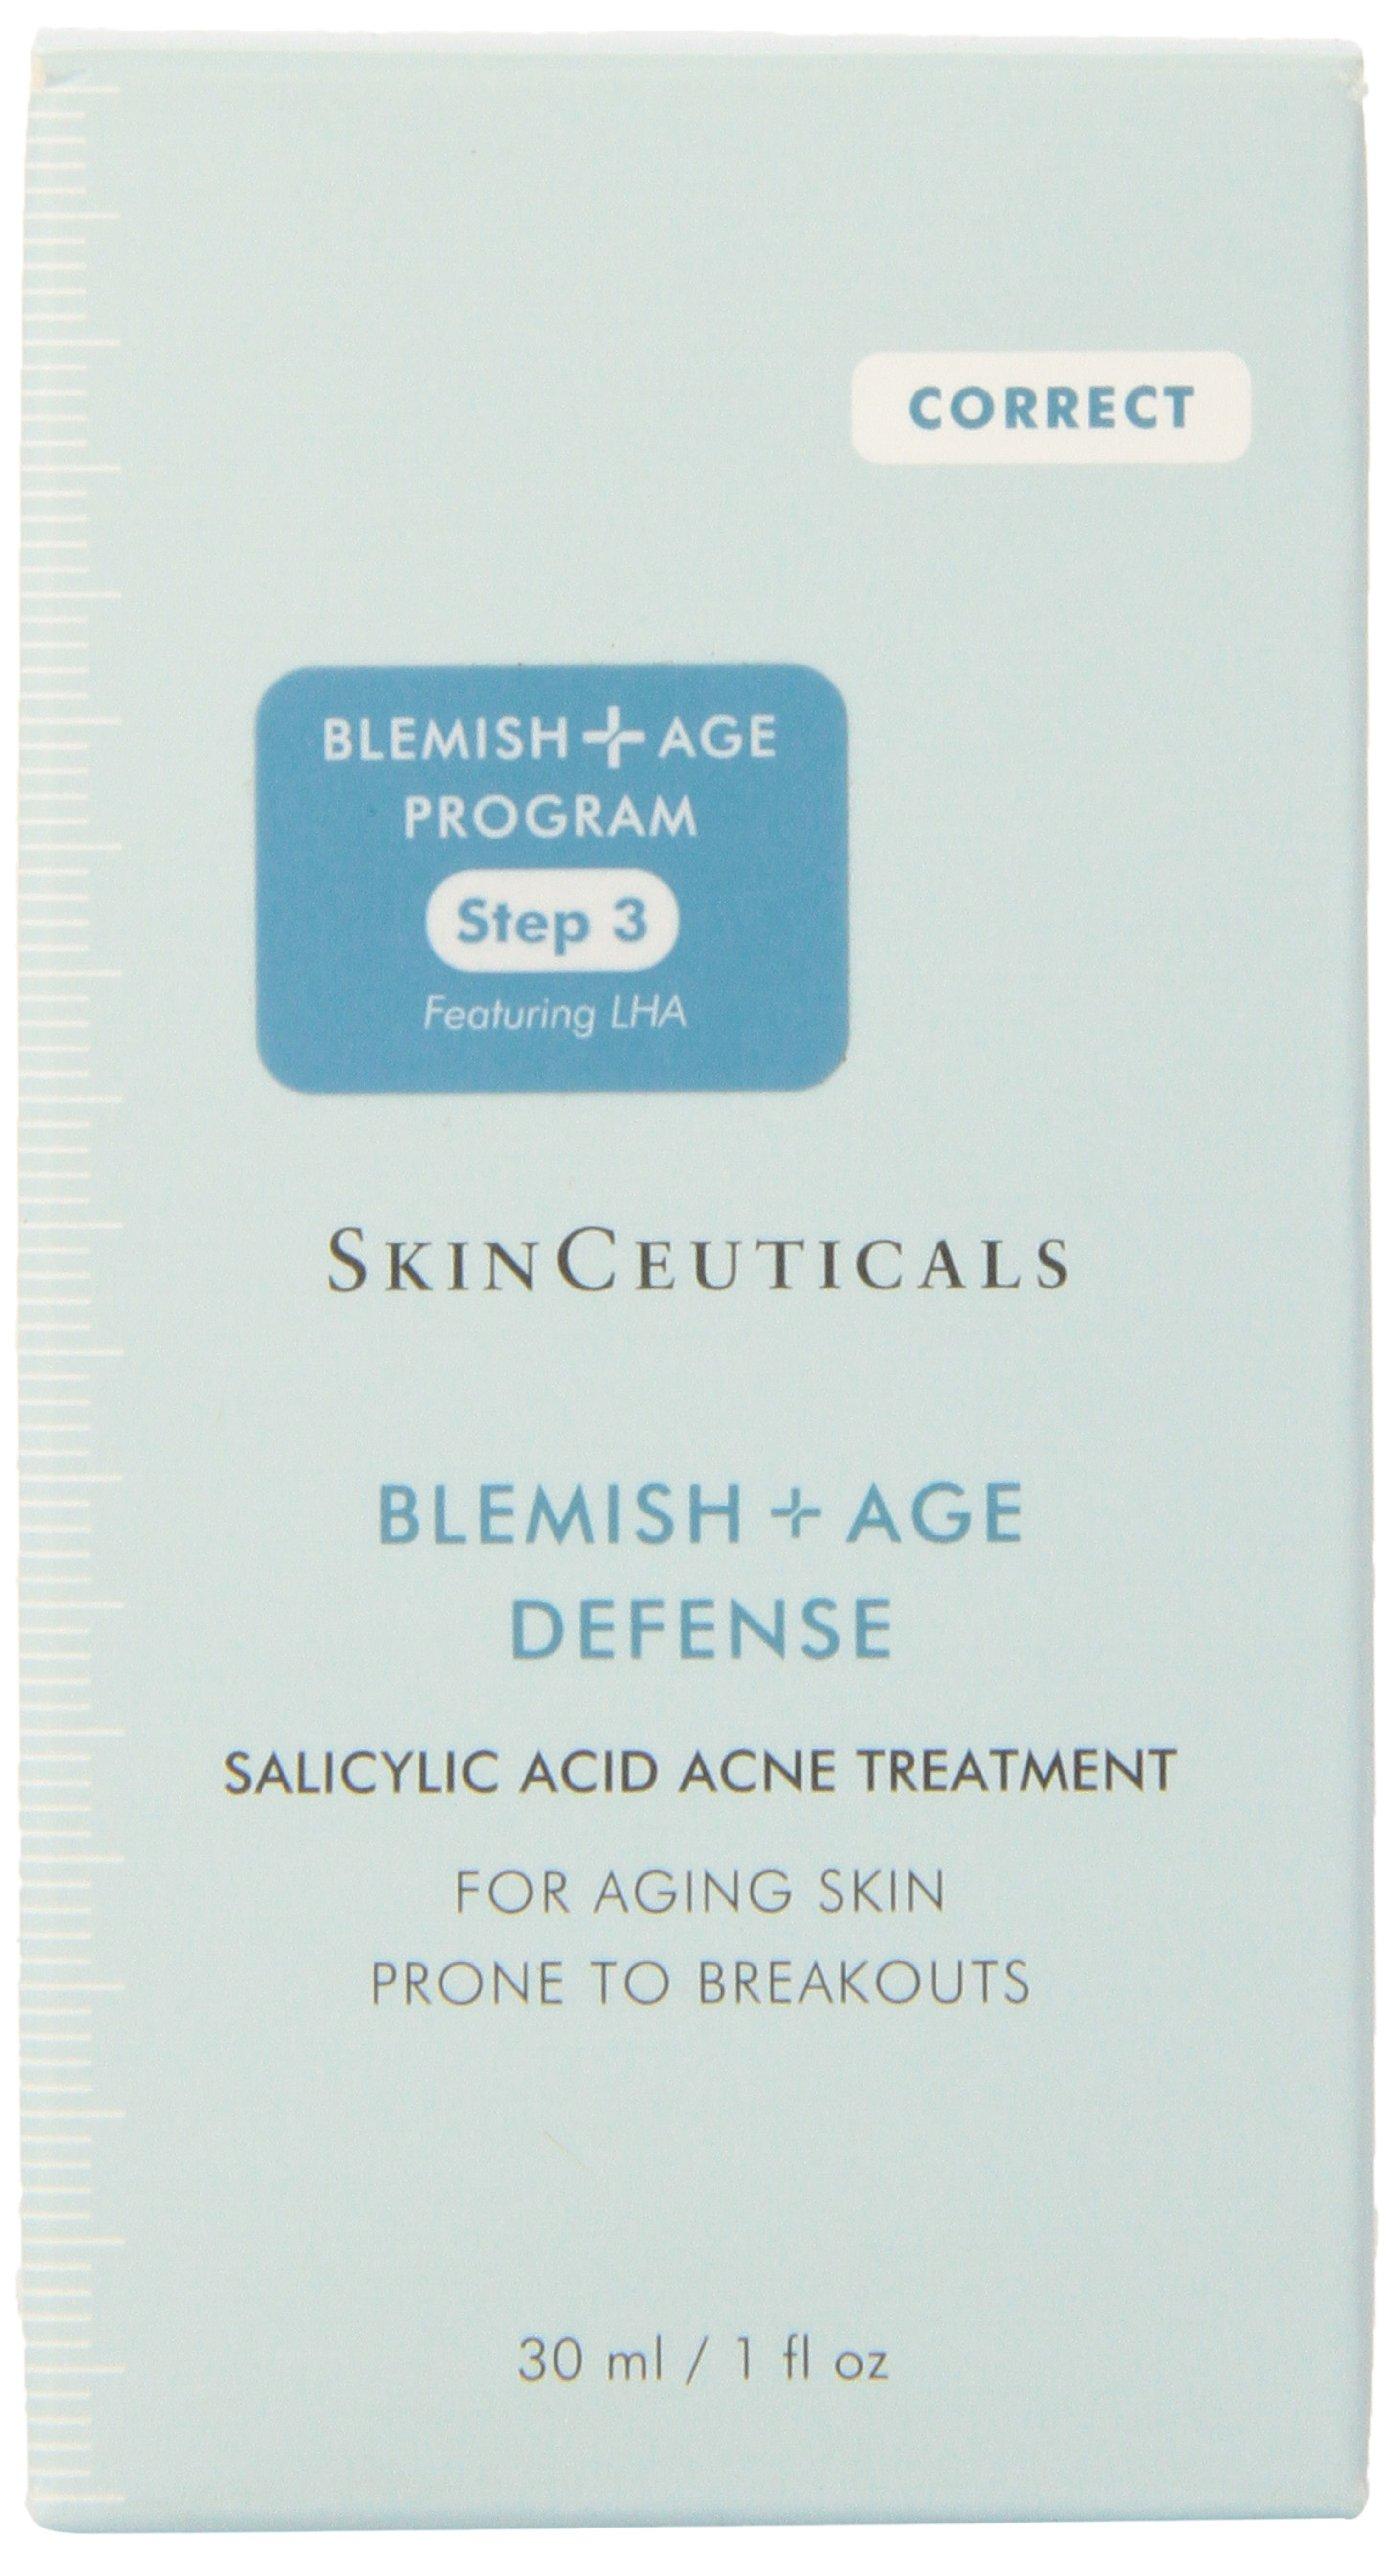 Skinceuticals Blemish plus Age Defense Acne Treatment, 1 Fluid Ounce